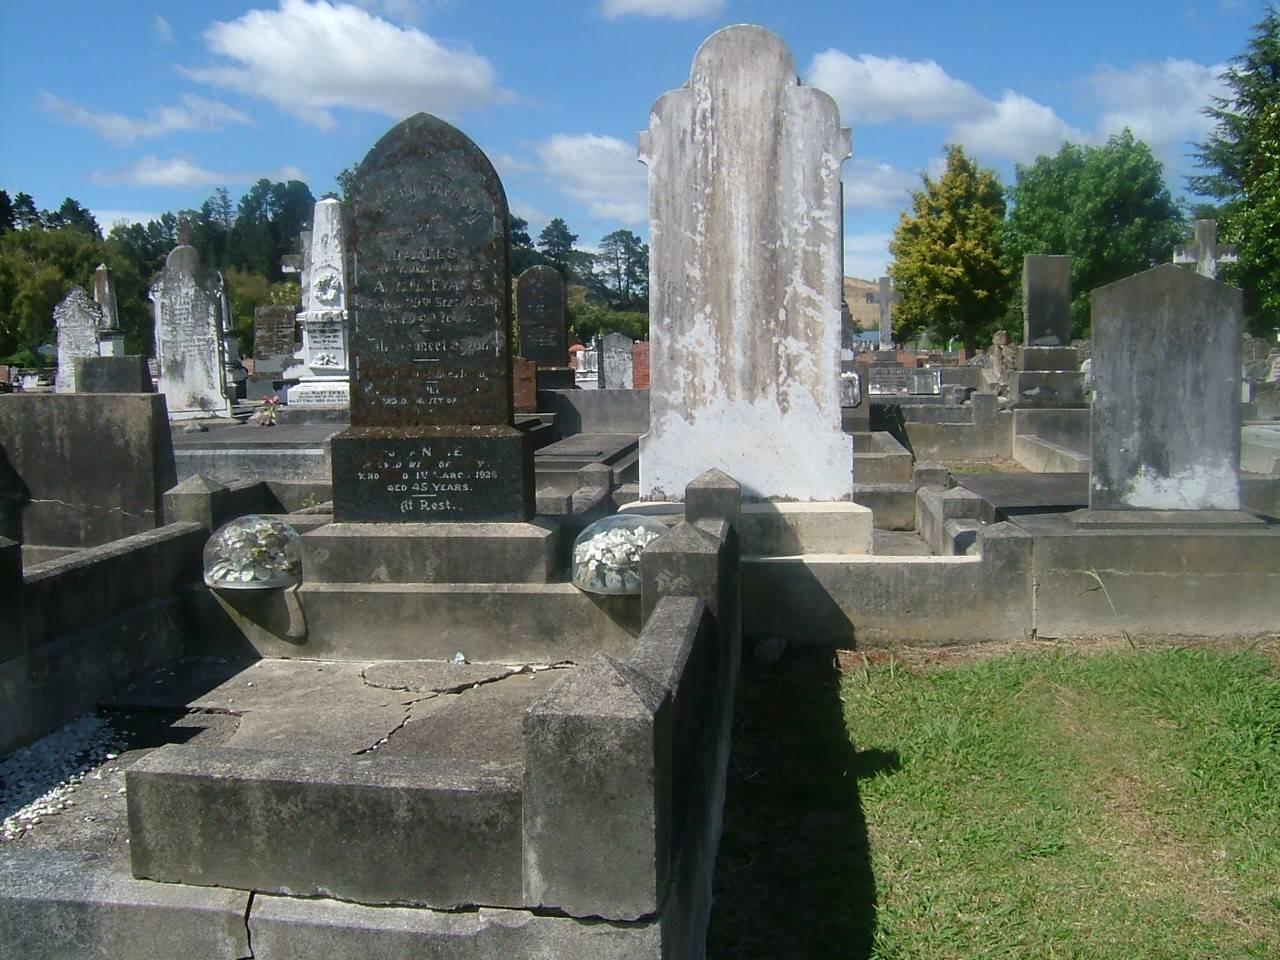 Stella and Ethel Bennier Grave